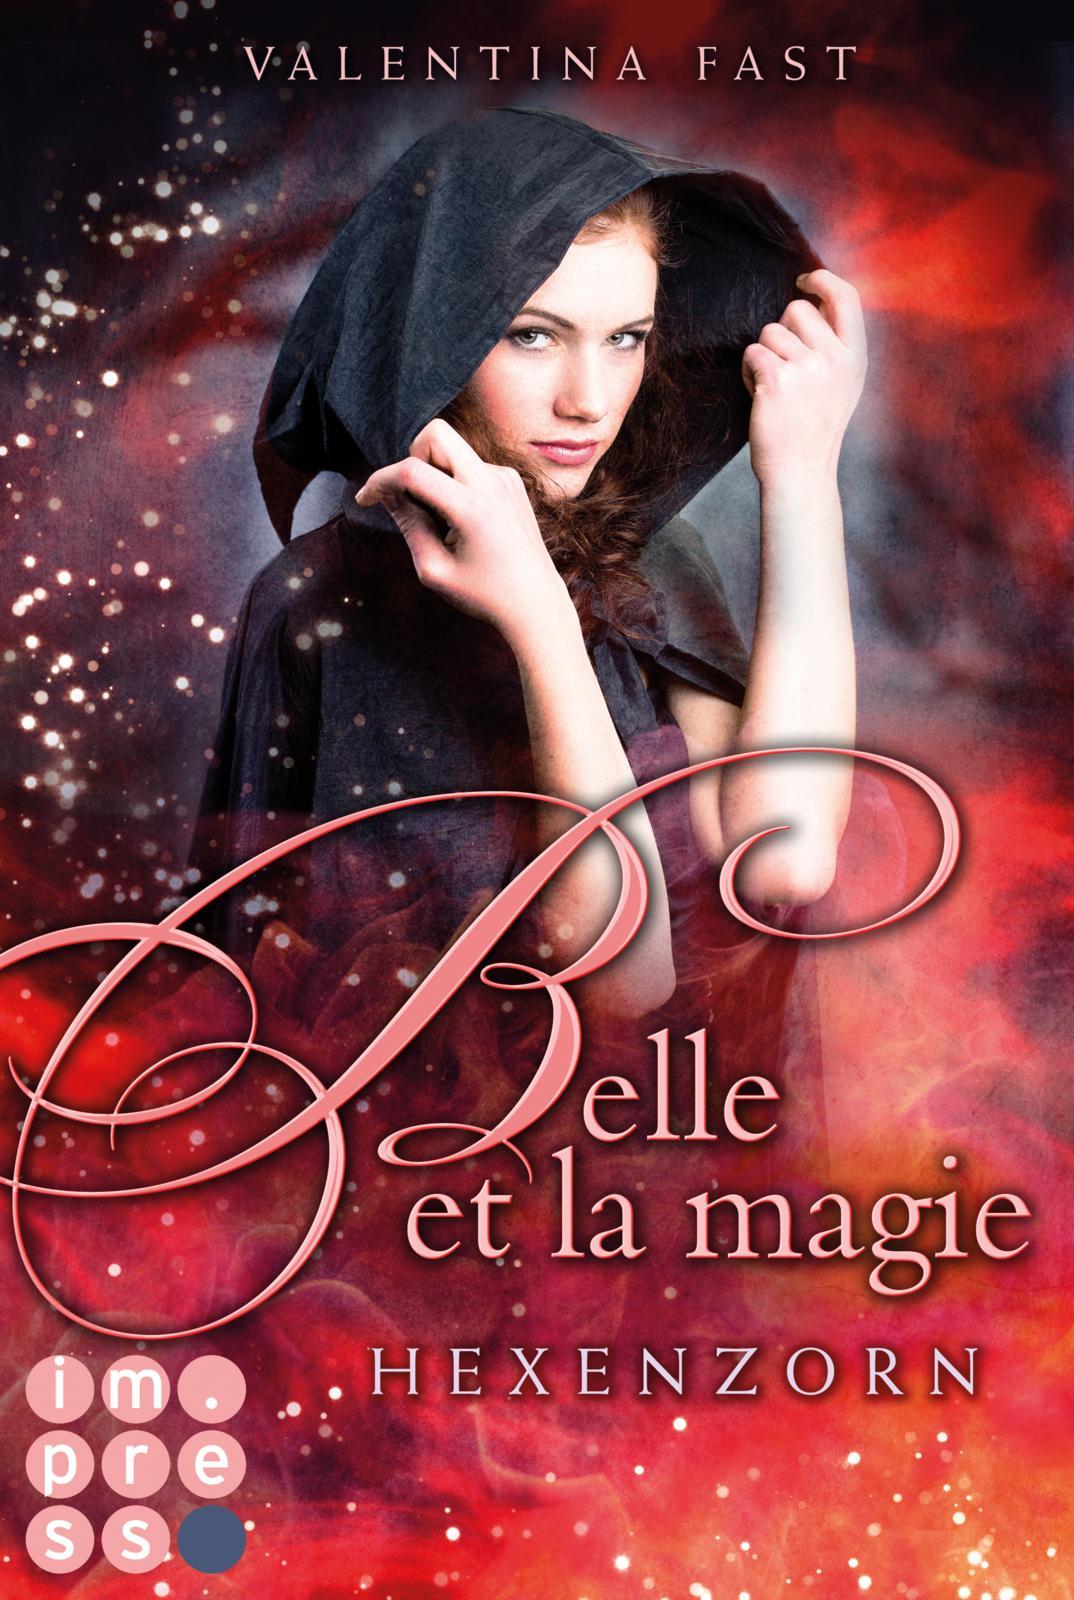 Fast, Valentina : Belle et la magie - Hexenzorn